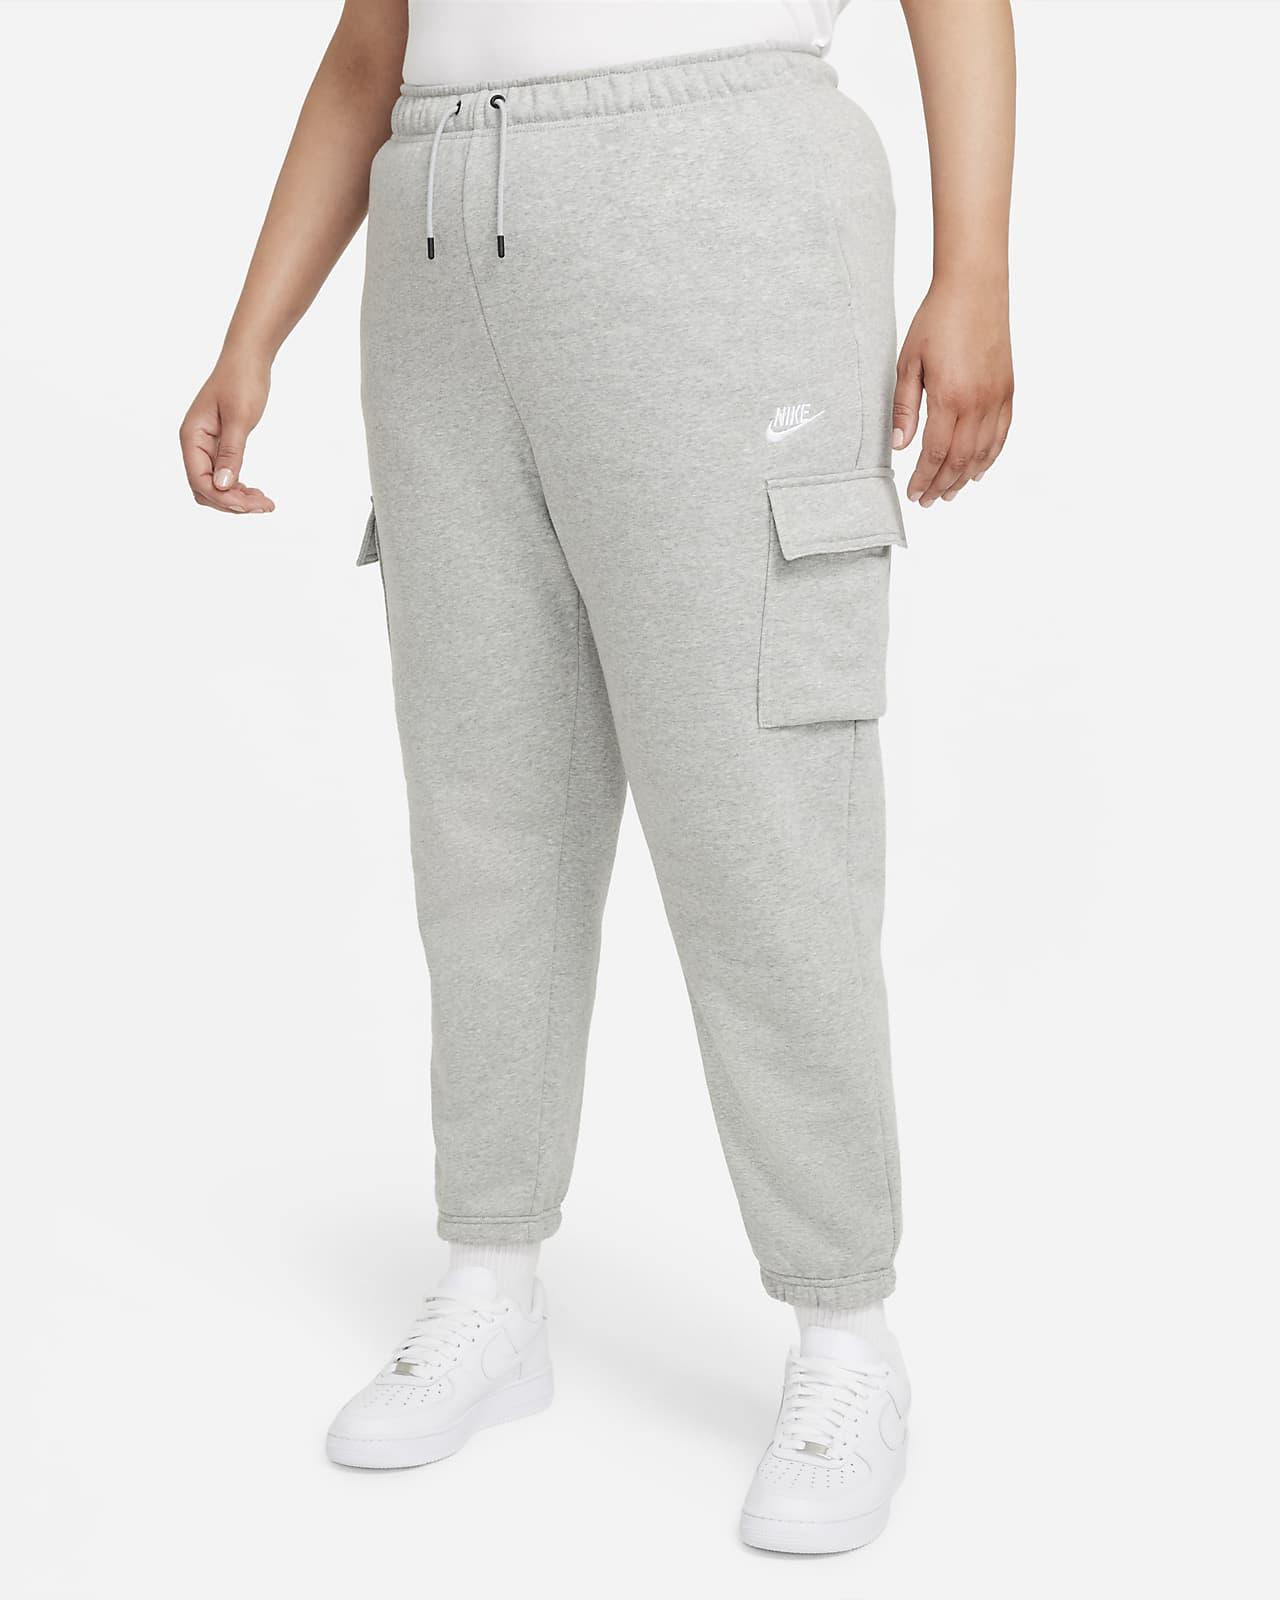 Nike Sportswear Essentials Women's Pants (Plus Size)